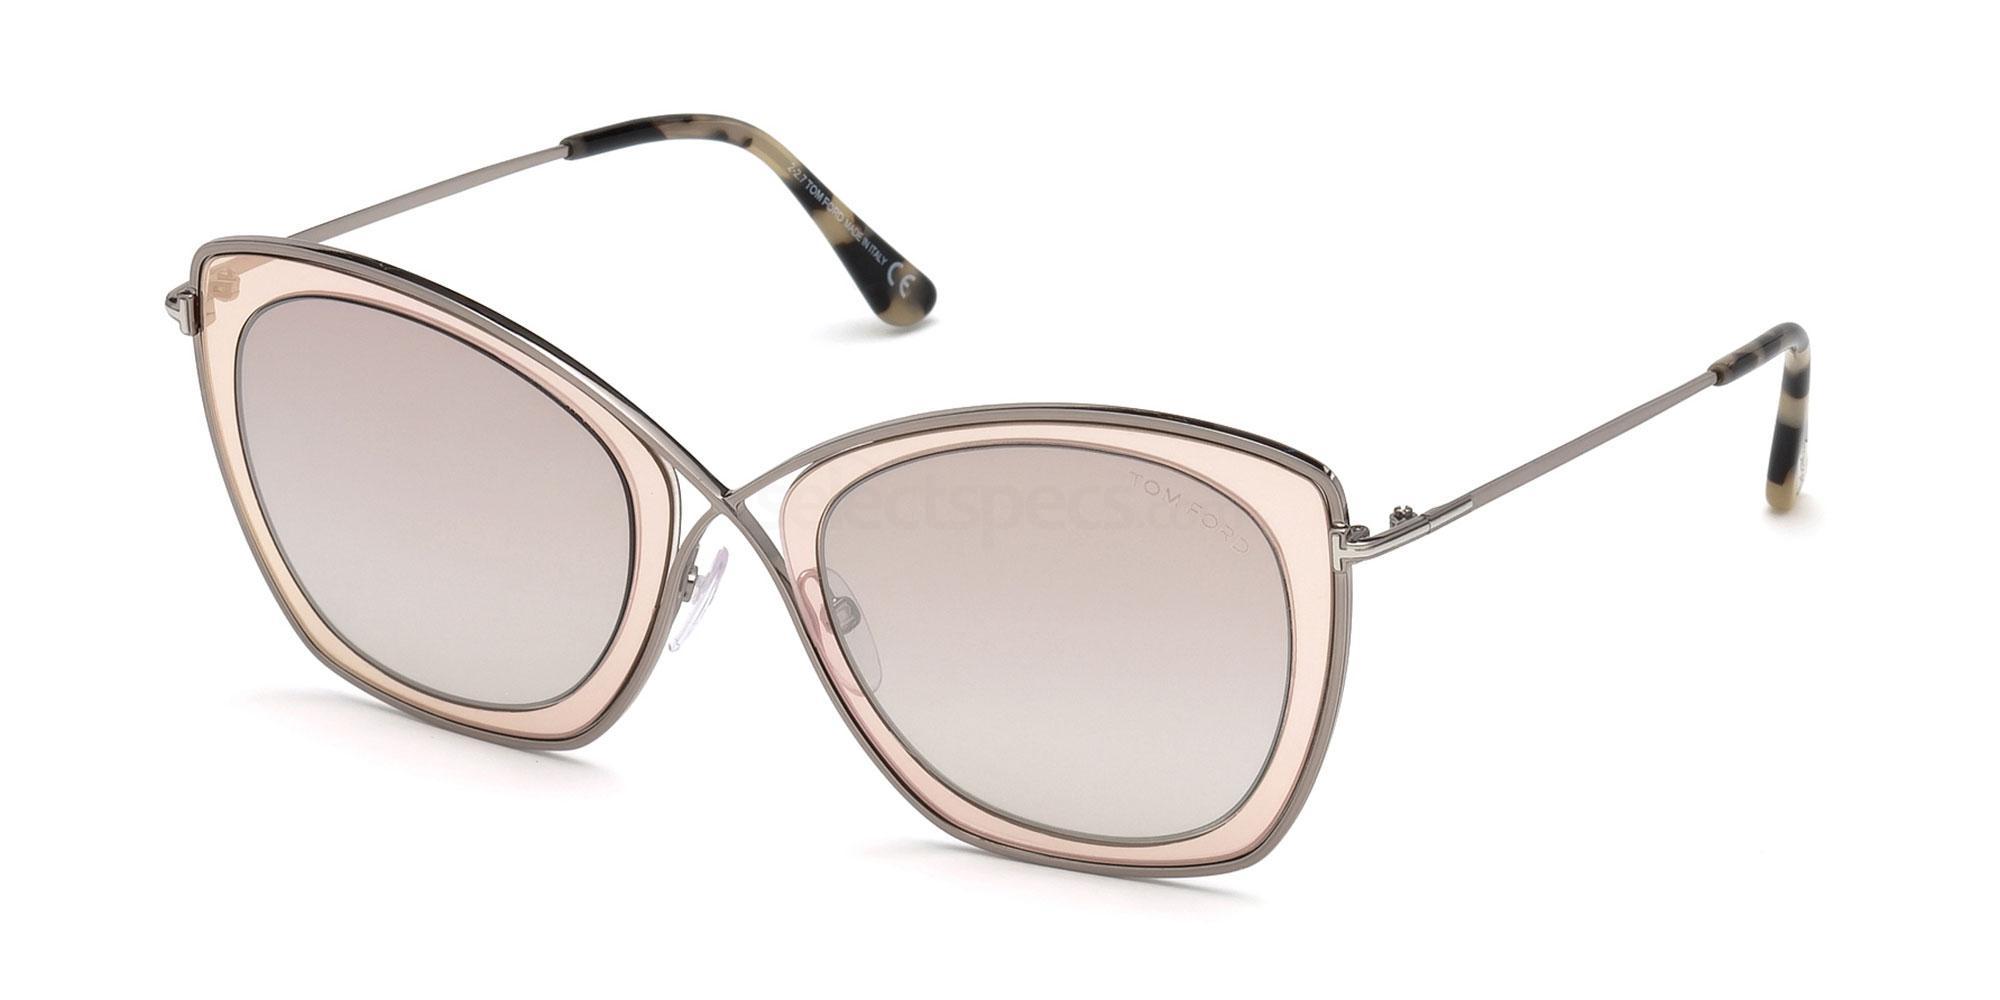 47G FT0605 Sunglasses, Tom Ford